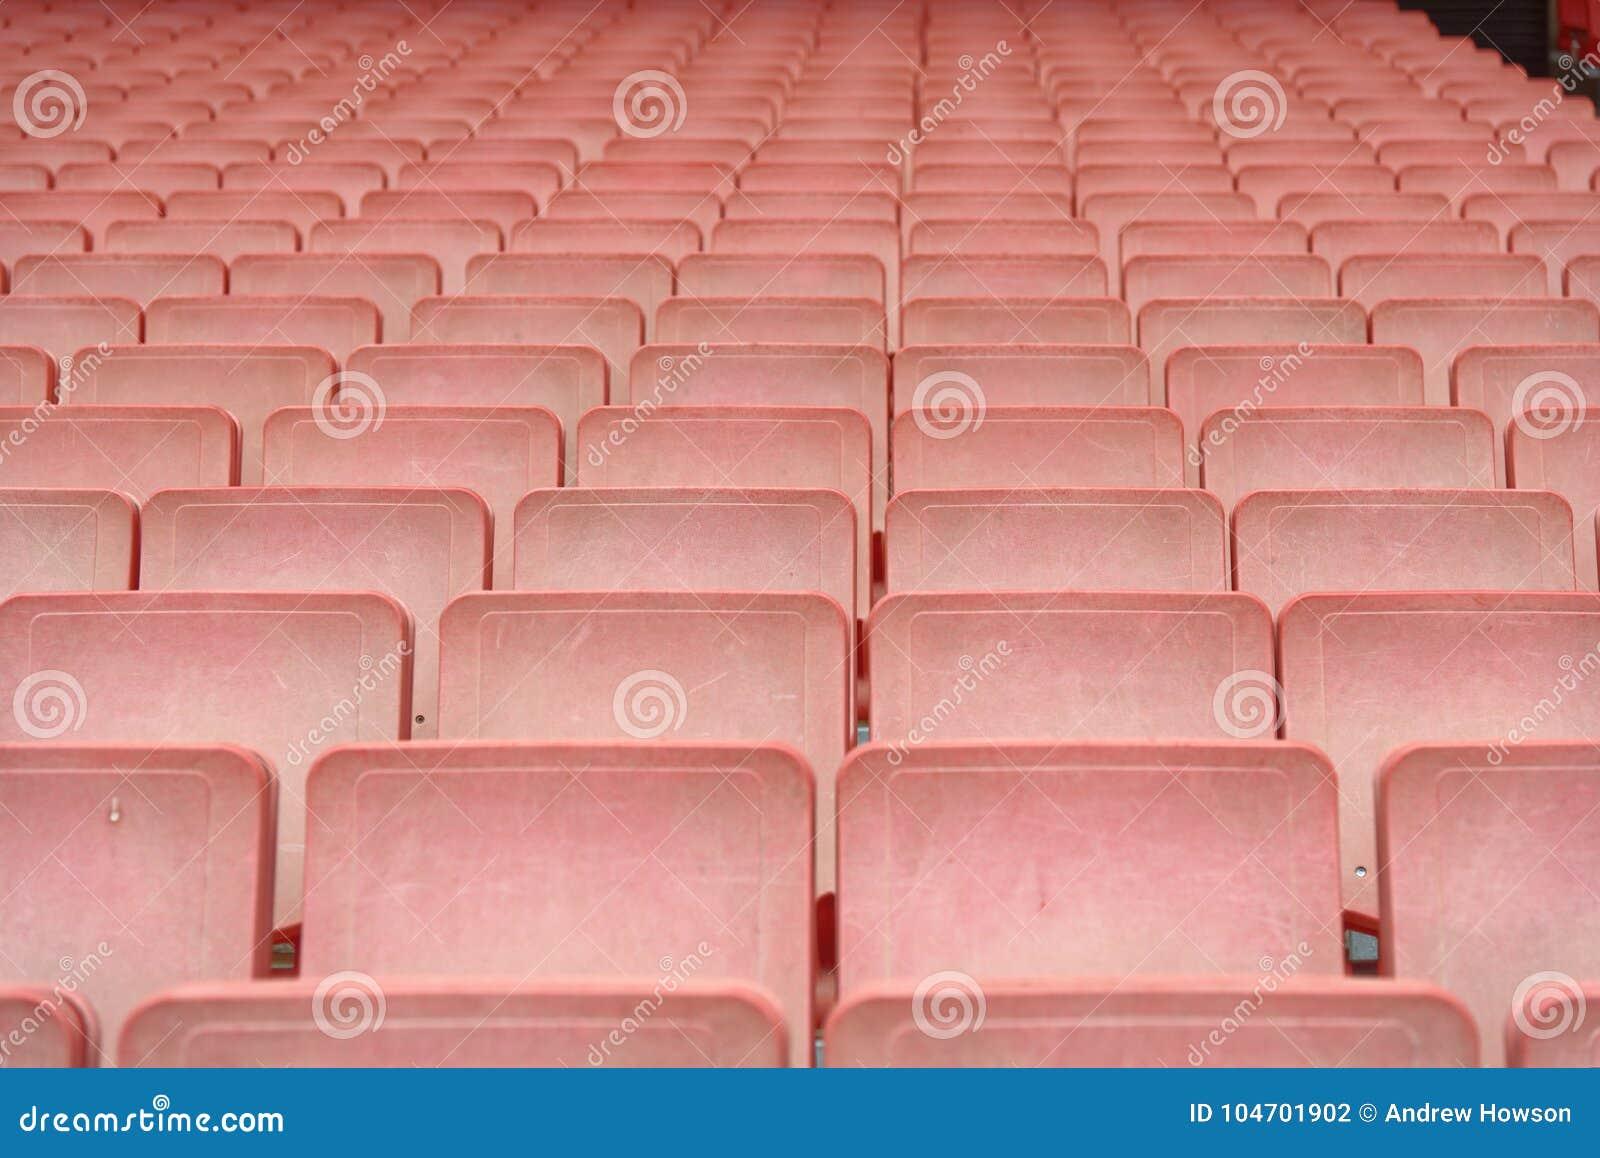 Lignes des sièges rouges de stade